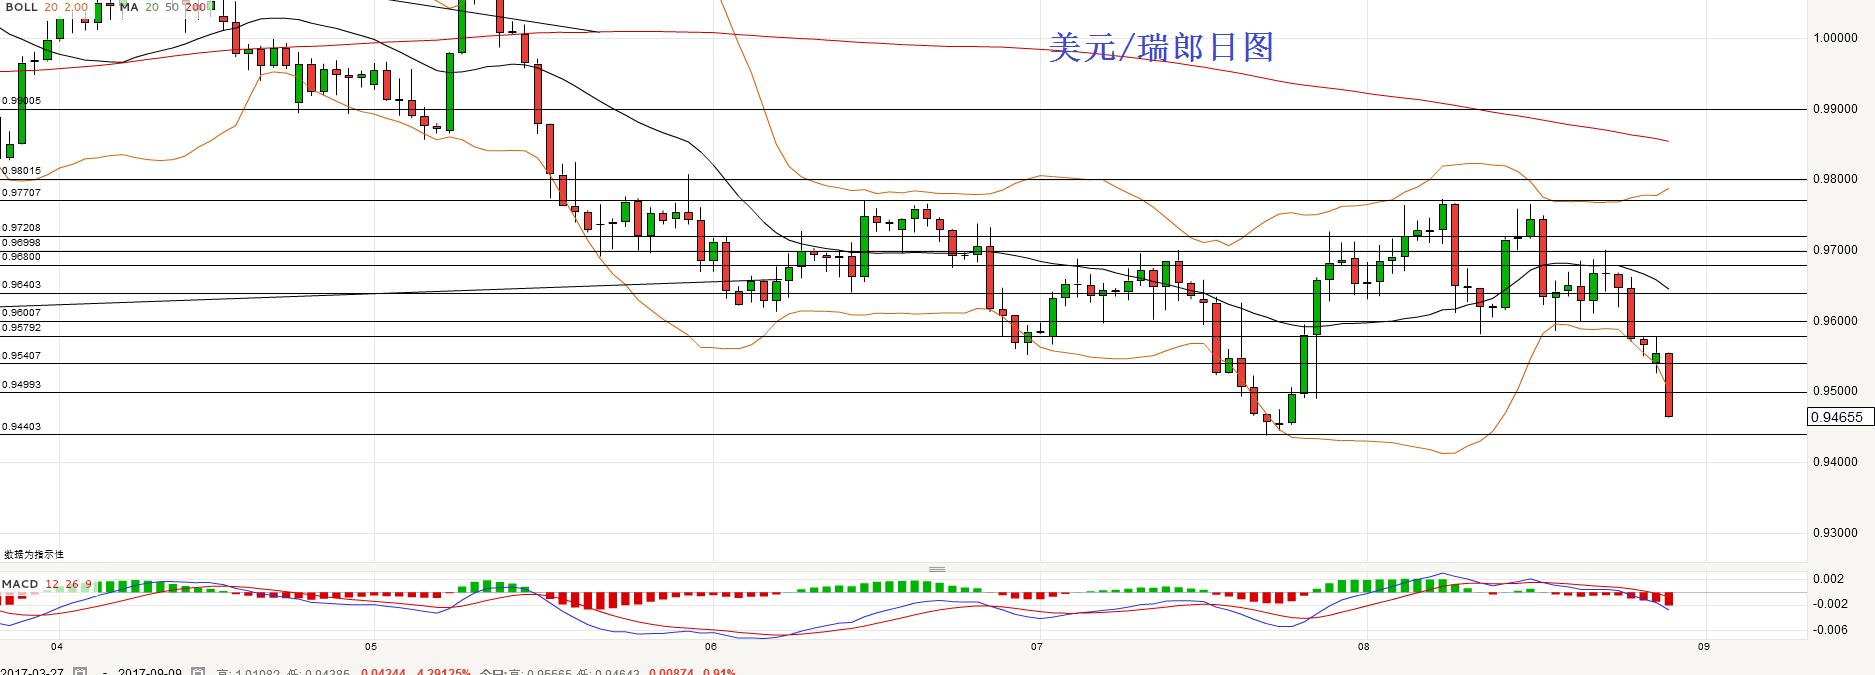 美元/瑞郎:短线倾向继续逢高做空